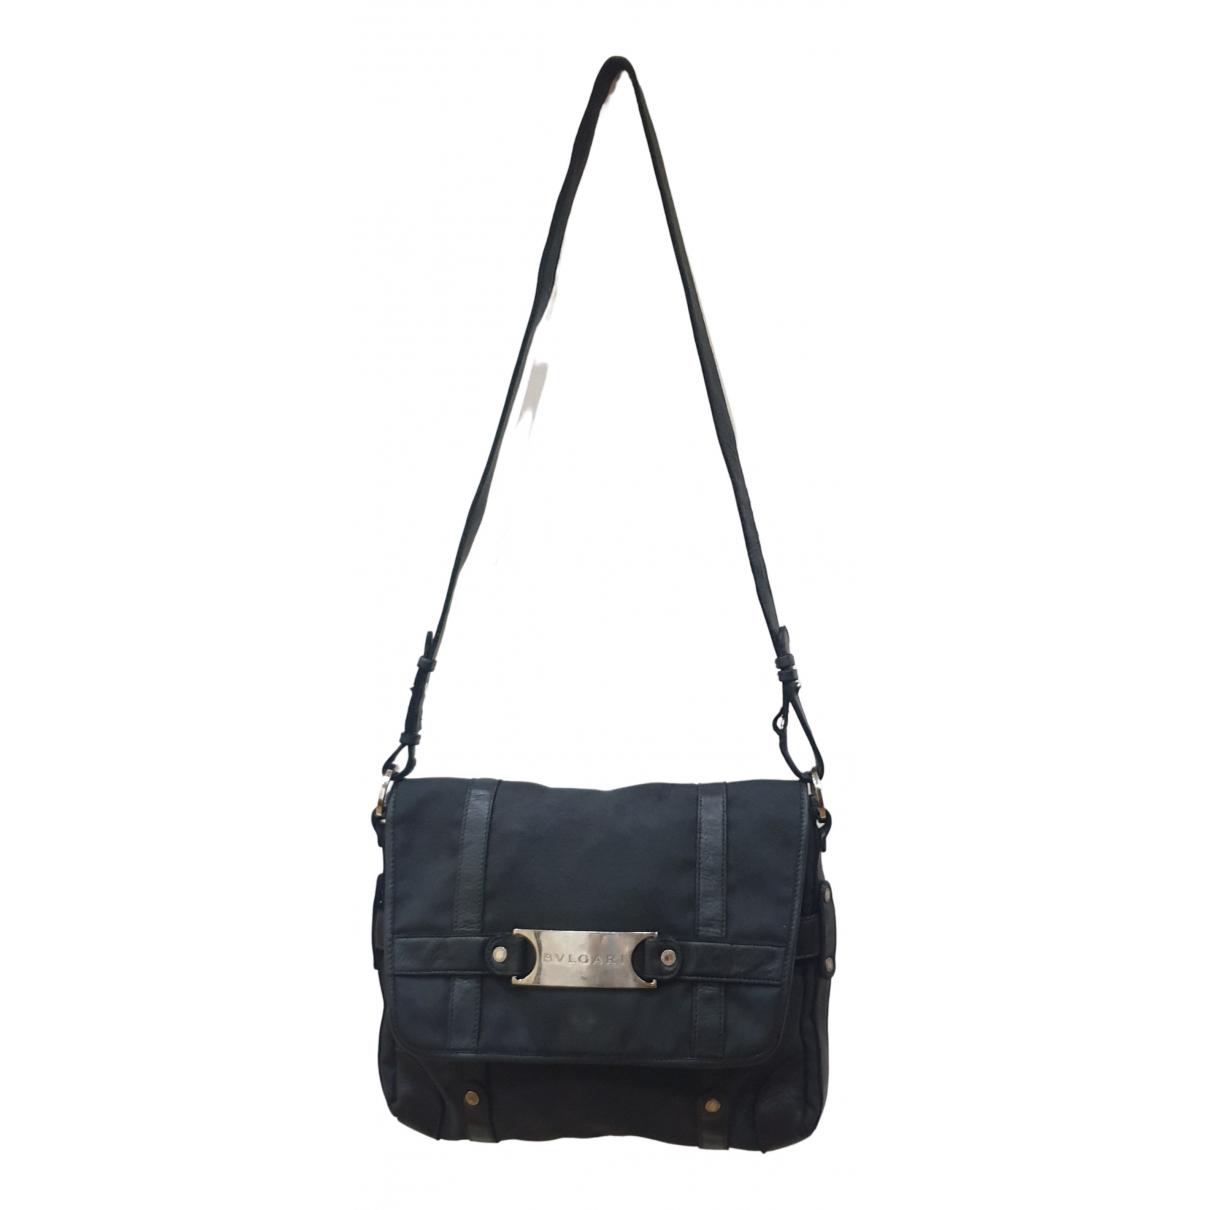 Bvlgari N Black Cloth handbag for Women N